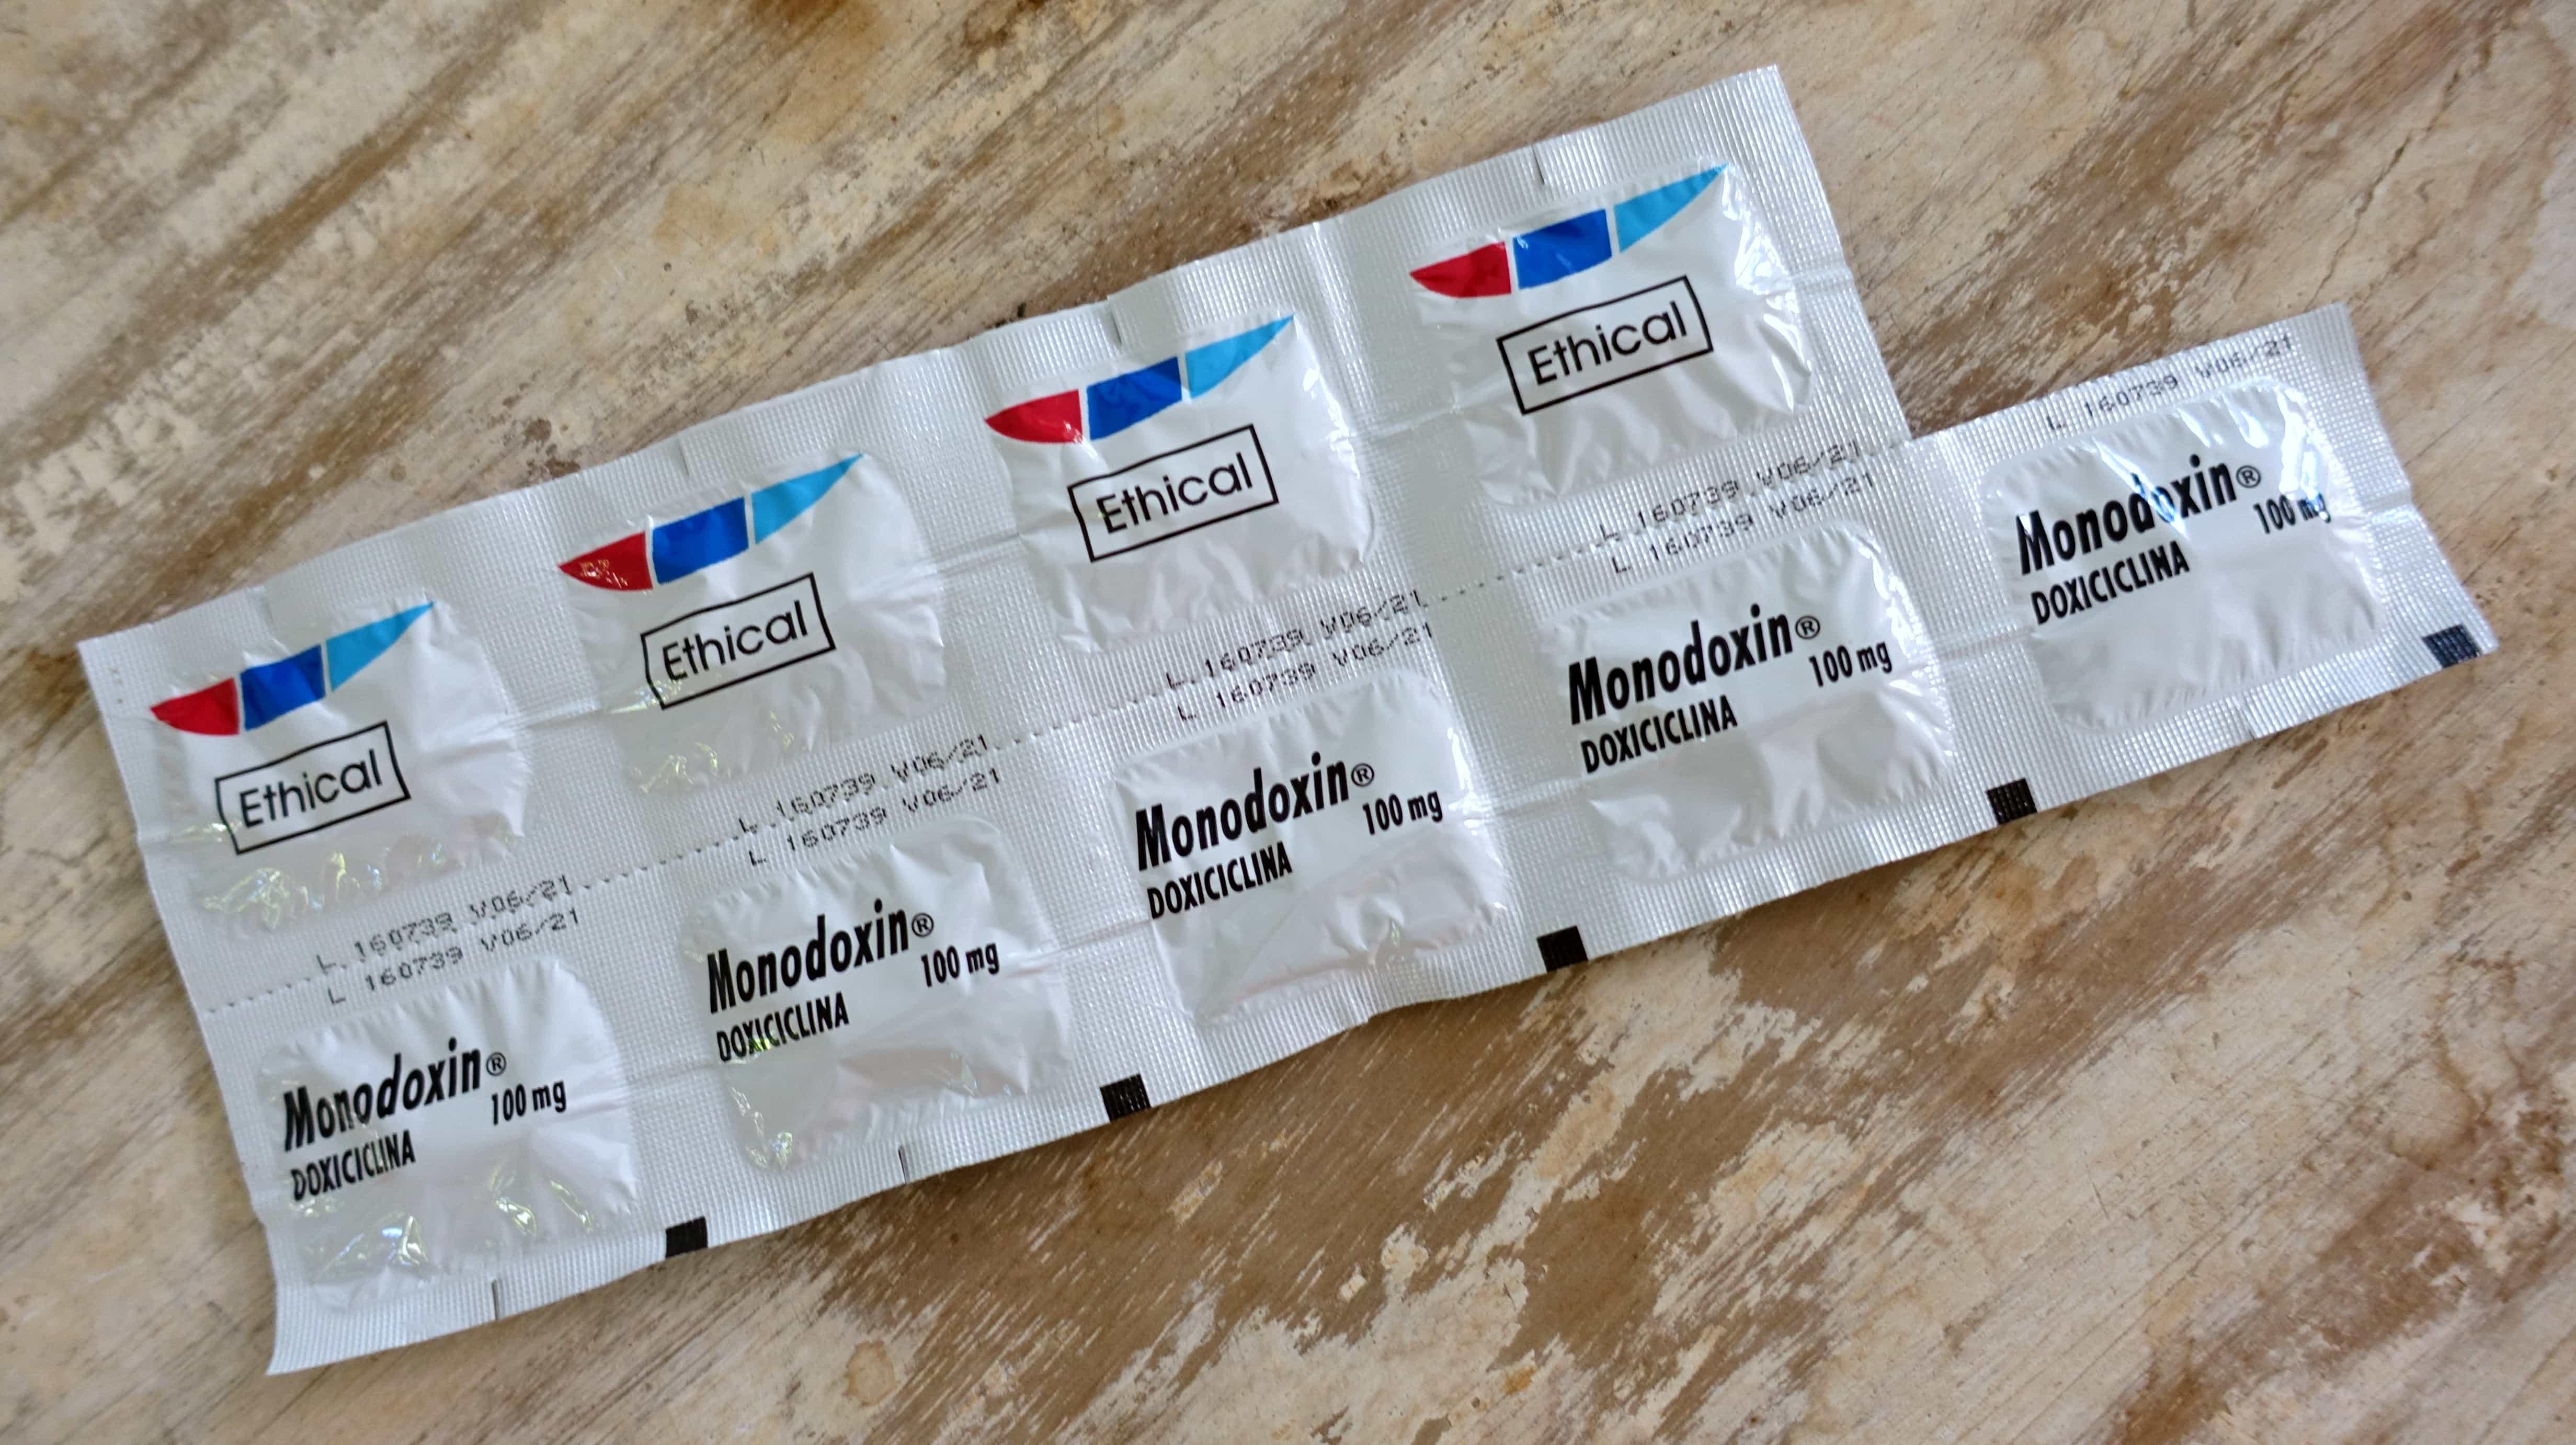 Doxycyclin wird von der WHO zur Langzeitprophylaxe gegen Malaria empfohlen